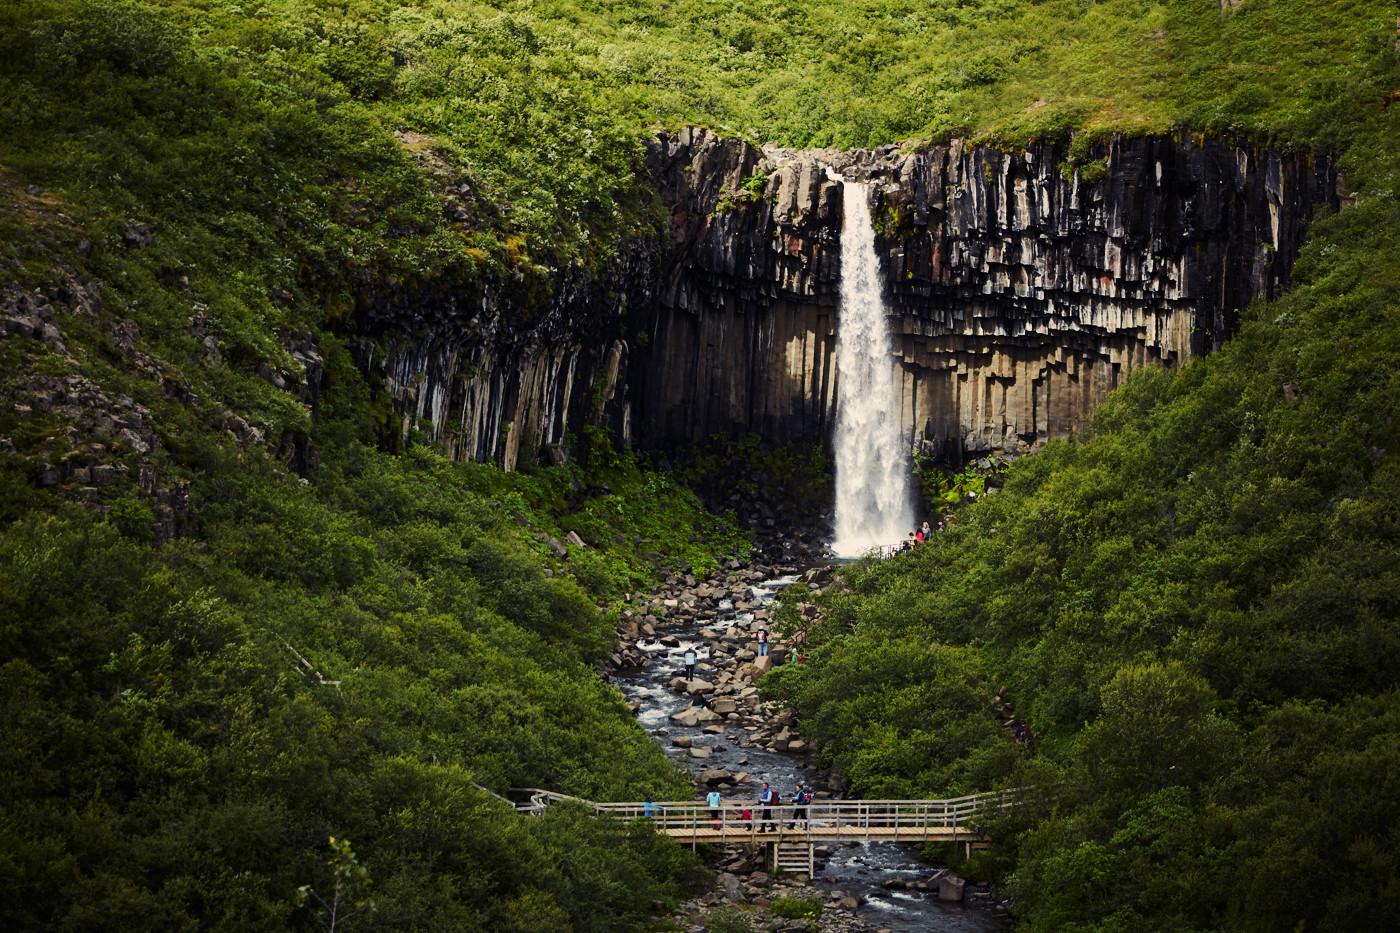 svartifoss, wasserfall, waterfall, iceland, island, roadtrip, rundreise, must see, bucketlist, miles and shores, blick von oben, reiseblog, reiseblogger, travelblog